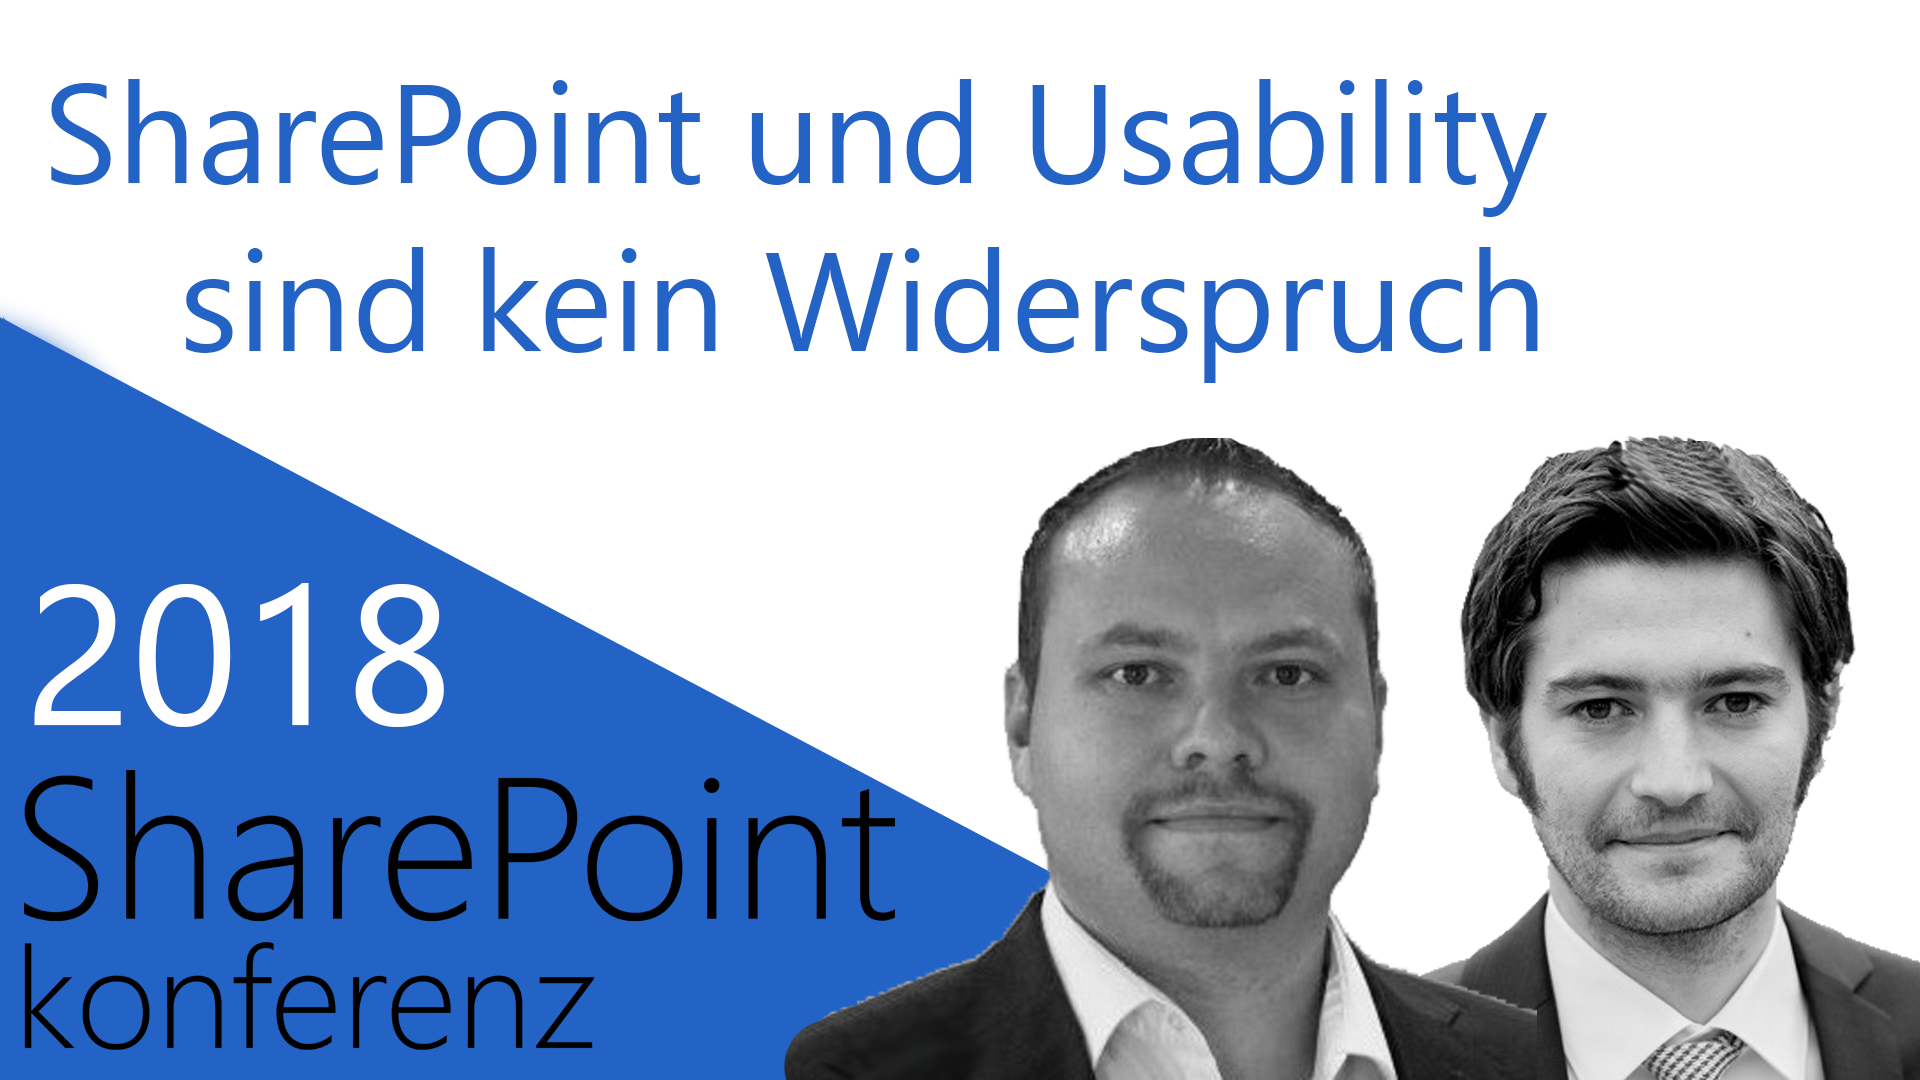 2018/SharePointKonferenz/sharepointusability